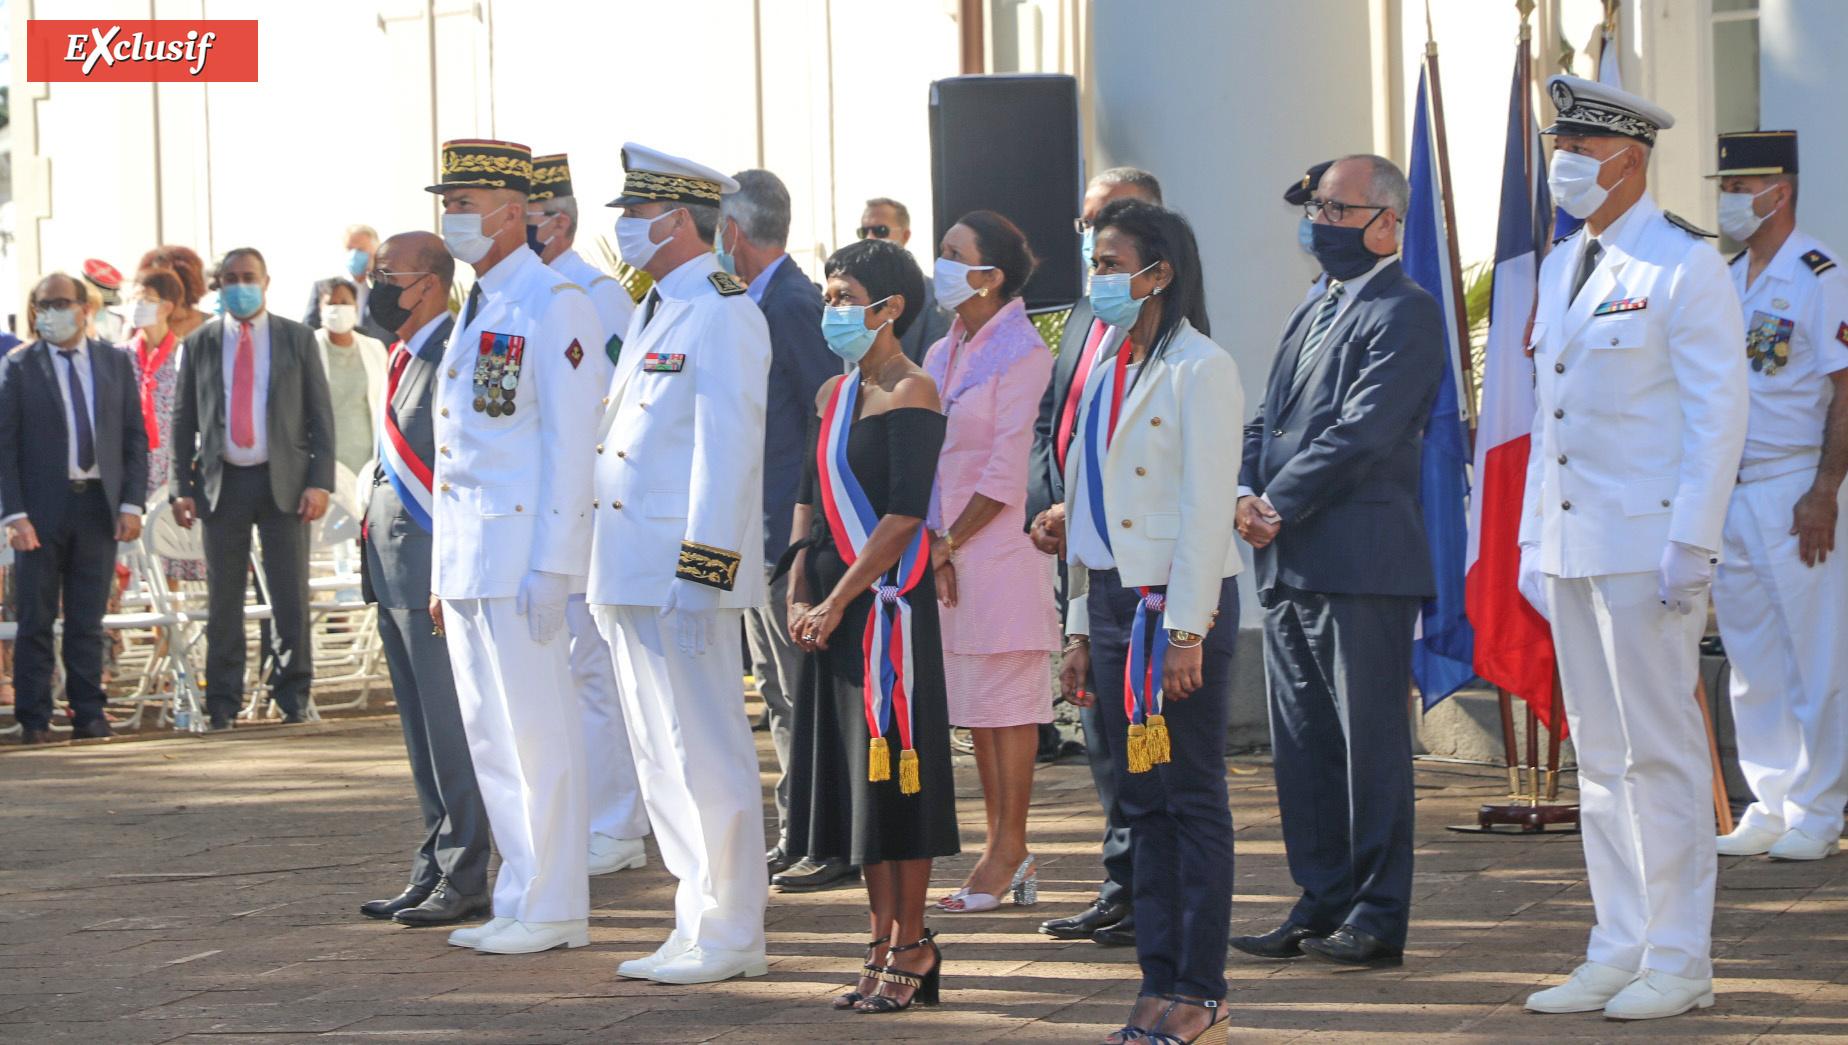 A l'extrême droite de la photo, au 1er rang, Nadia Ramassamy, députée, et au 2ème rang Jean-François Lebon, directeur départemental de la sécurité publique